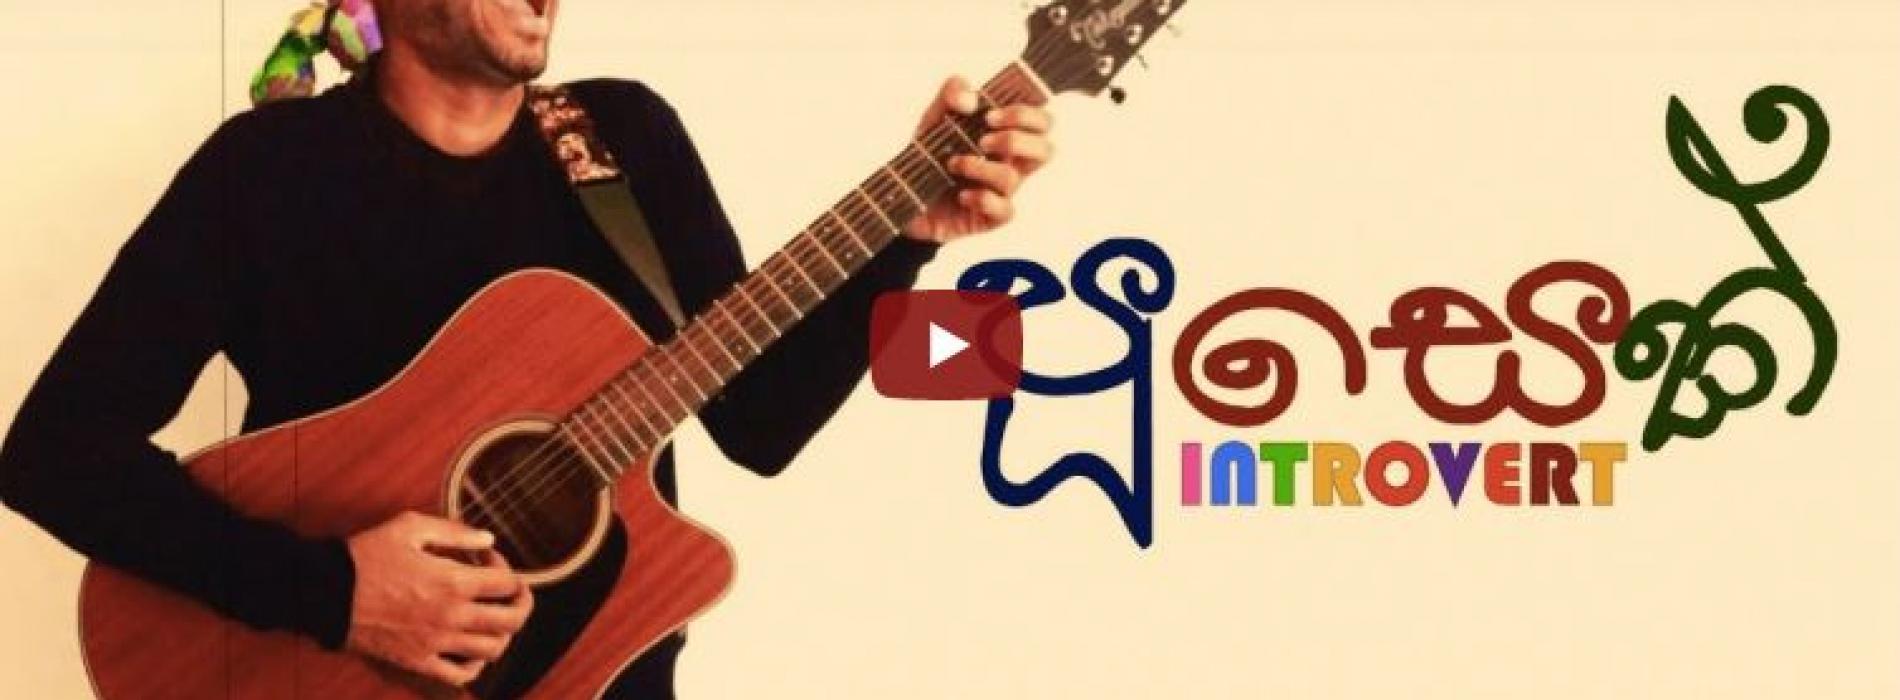 පූසෙක් (Introvert) by ARJUMANN   Shalindra de Silva (Official Lyric Video)